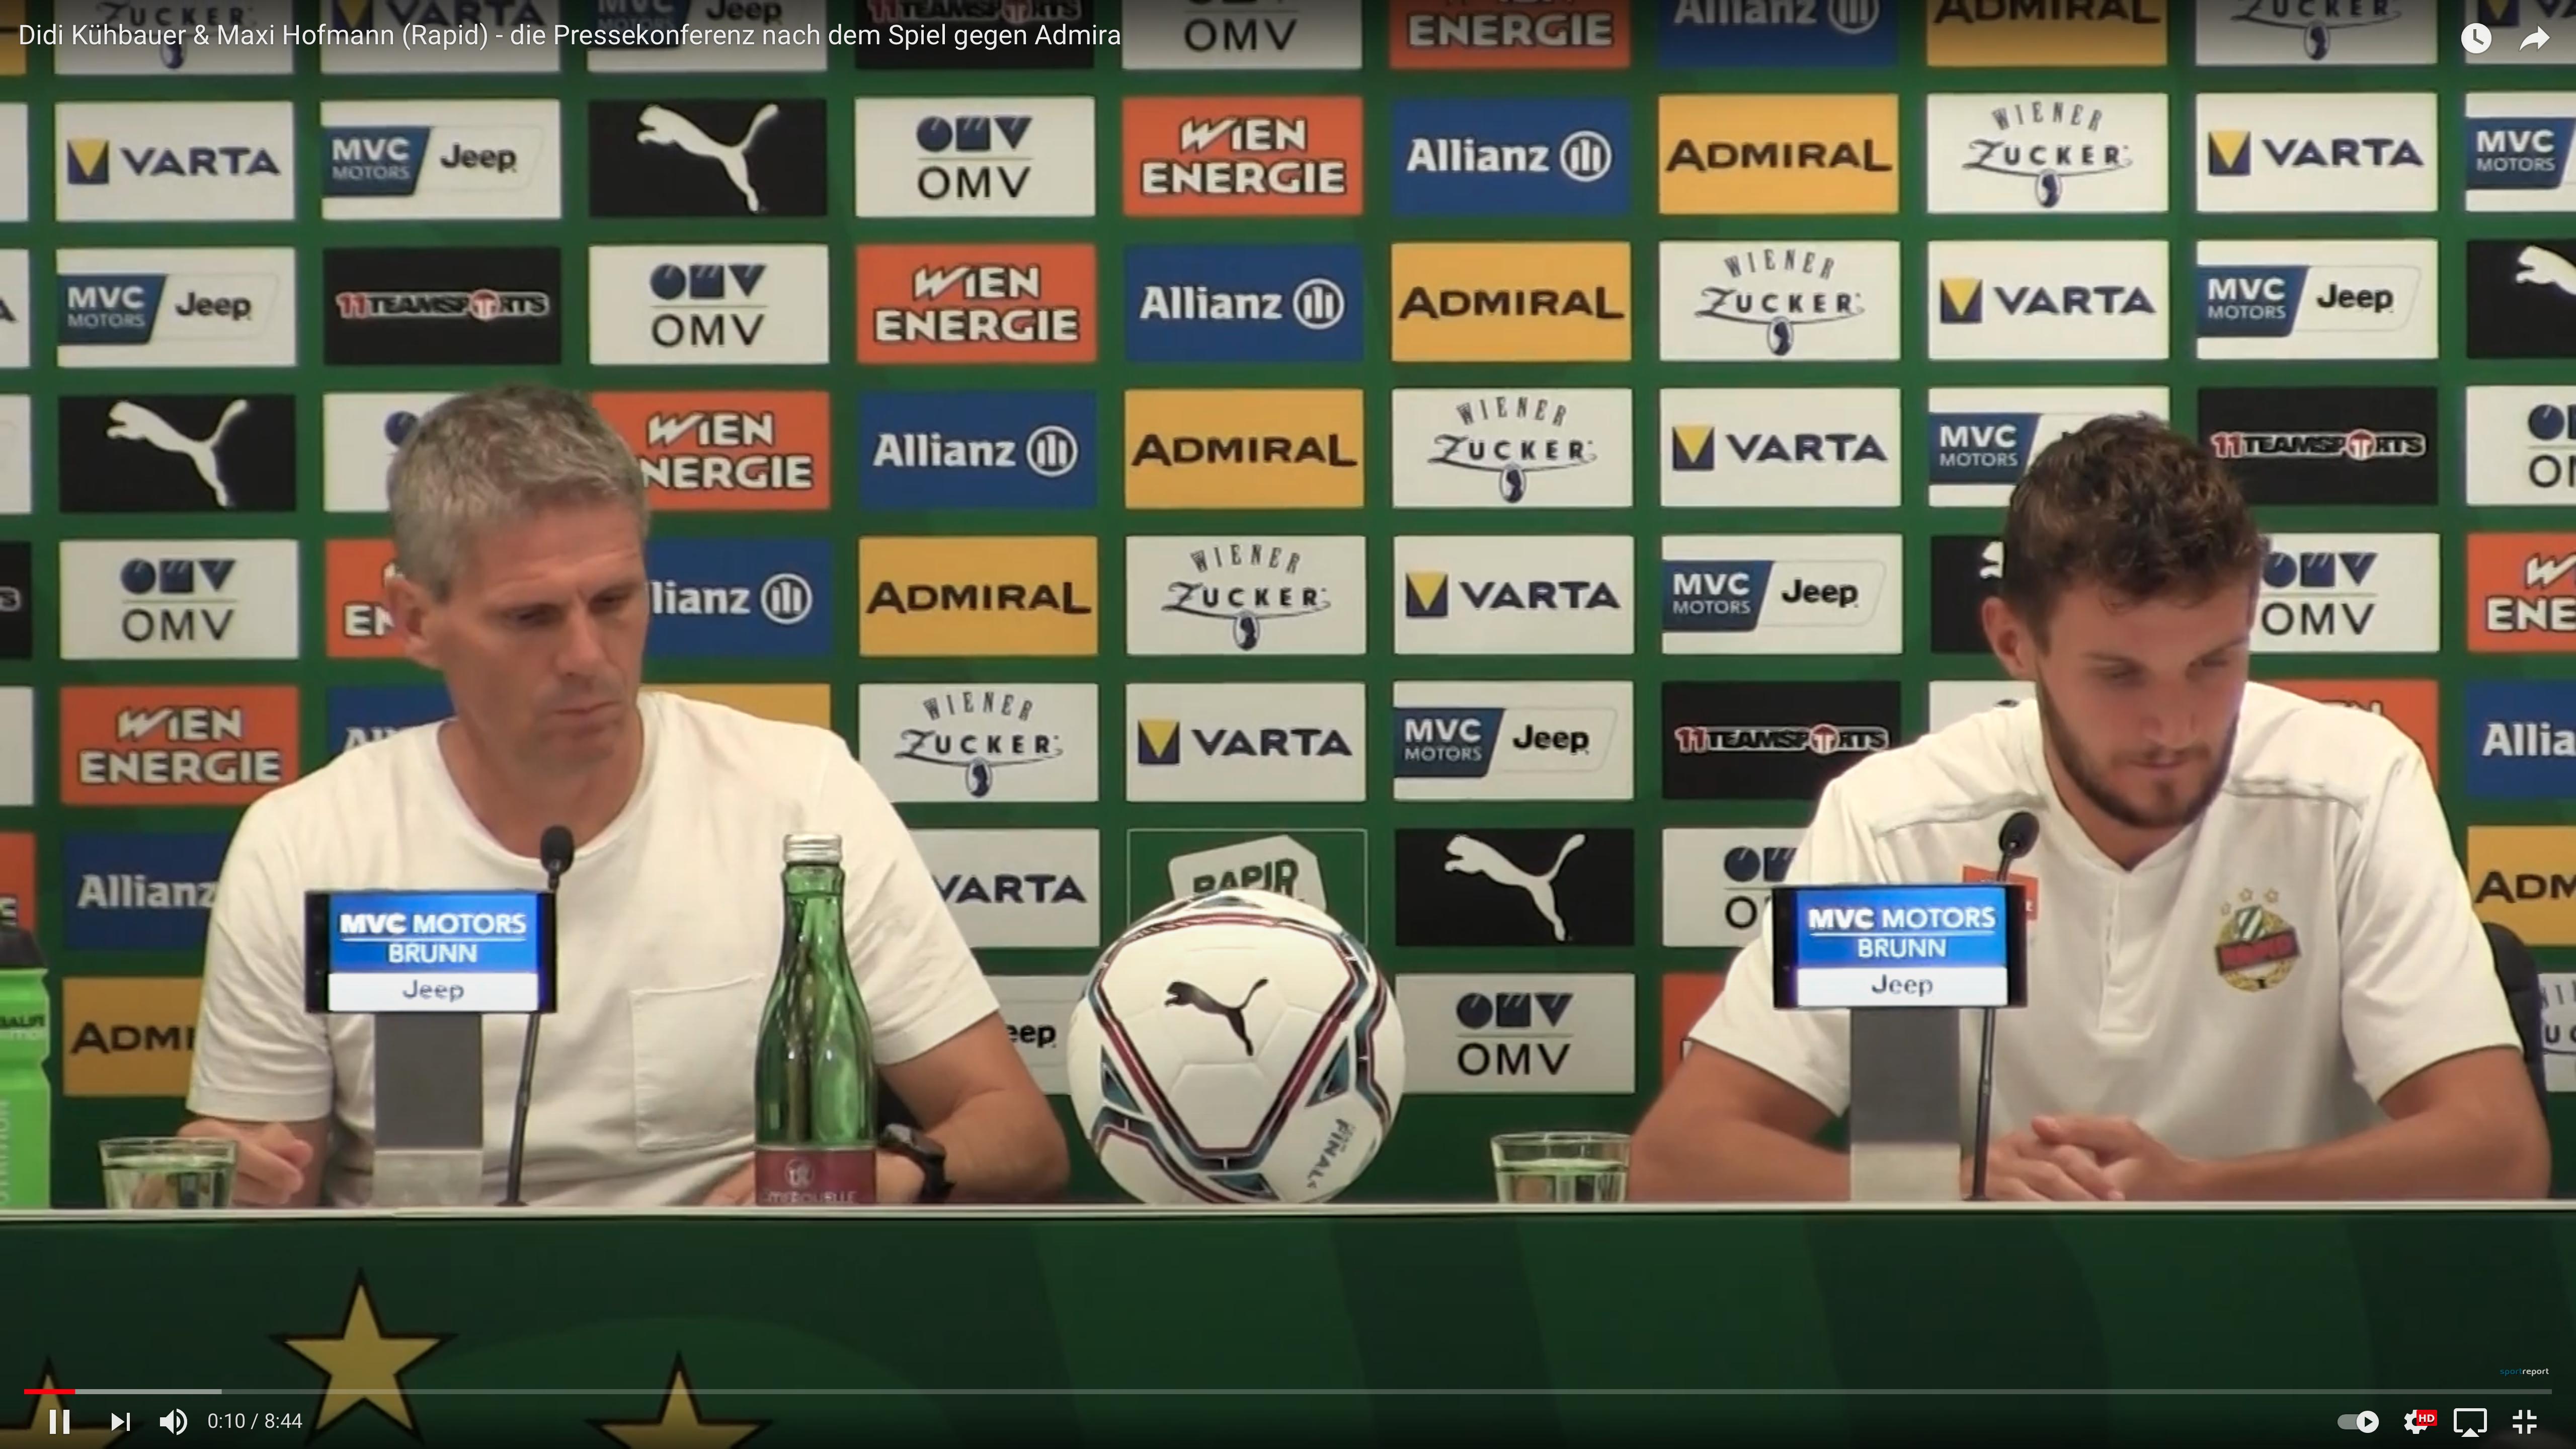 Video: Didi Kühbauer (Trainer SK Rapid Wien) - die Pressekonferenz nach dem Spiel gegen FC Flyeralarm Admira